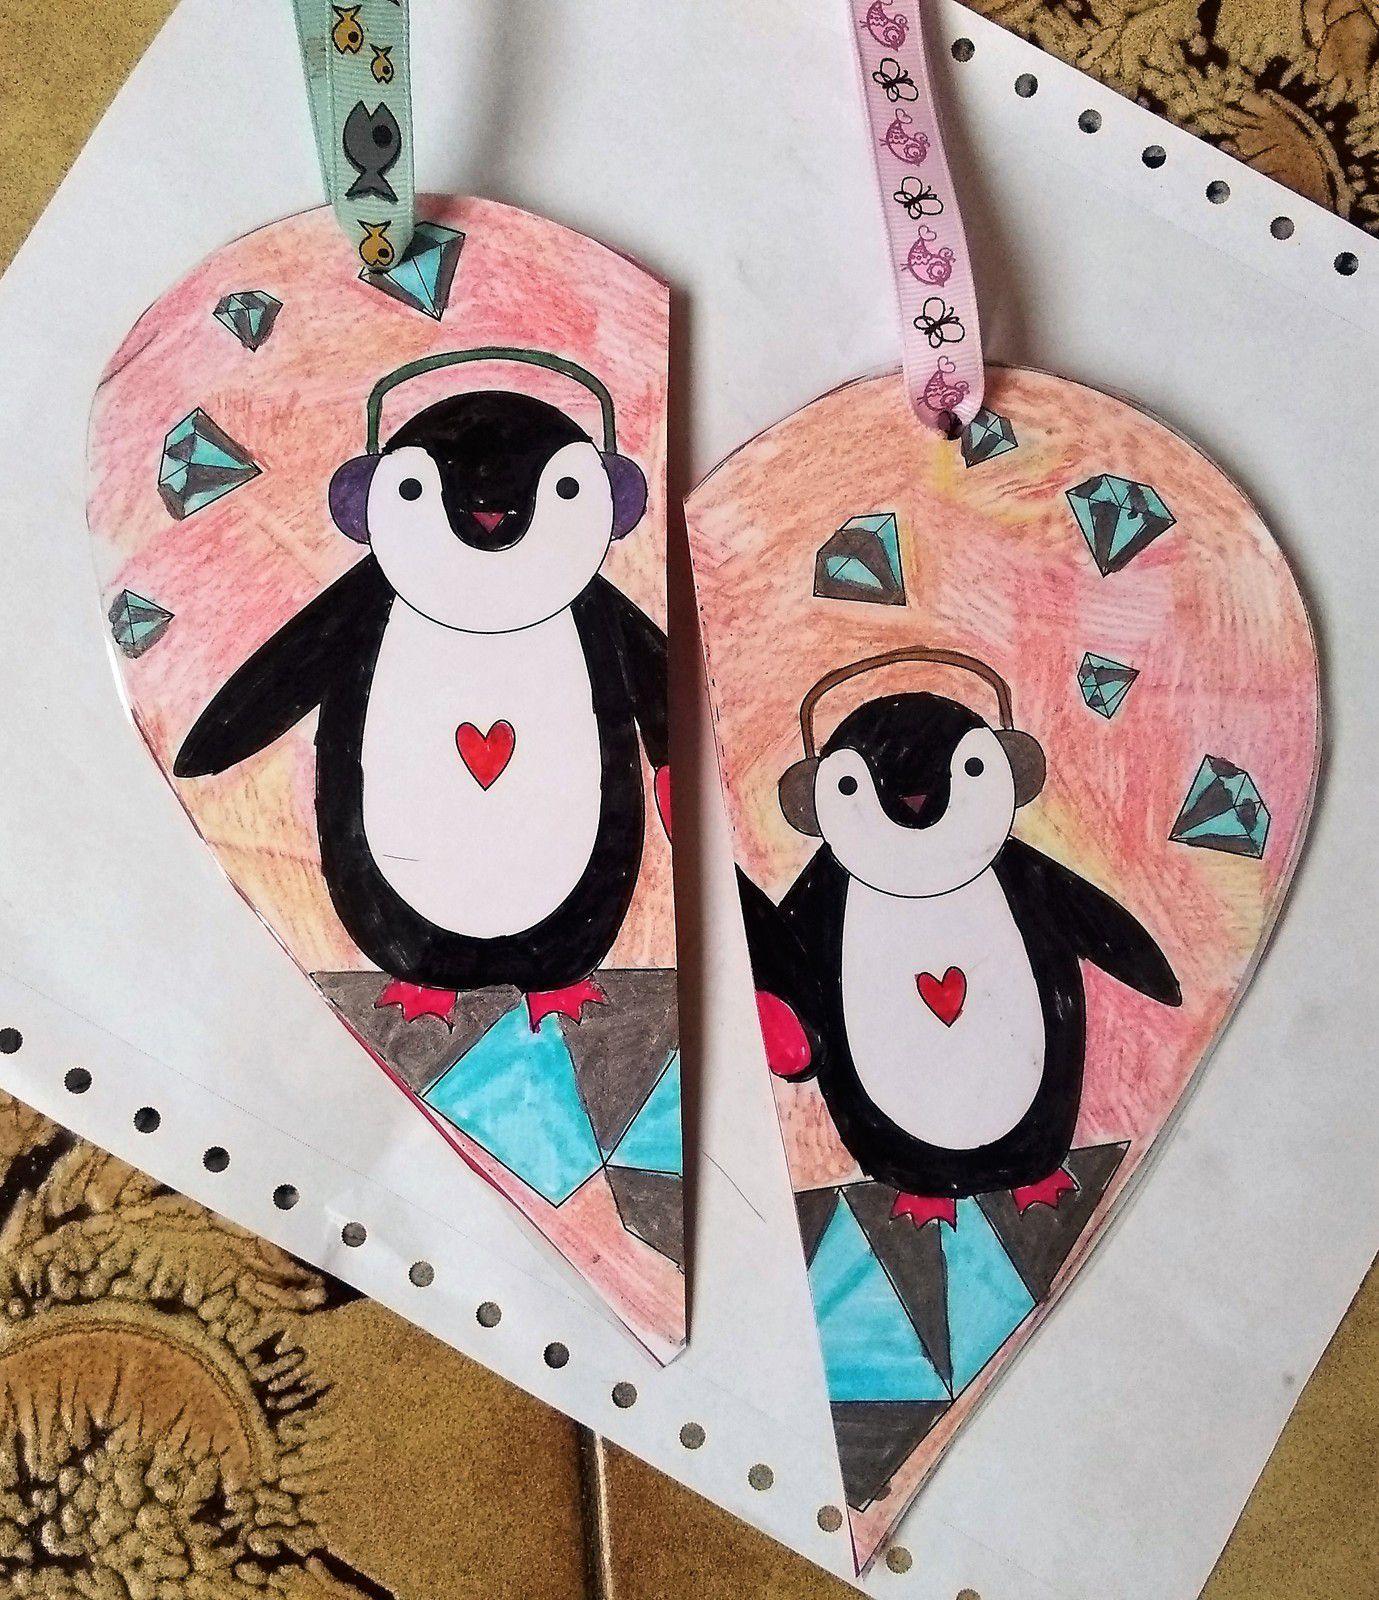 ~ Coeurs plastifiés fendus à suspendre, à offrir ou à partager ~ Avec affection, avec amour ~